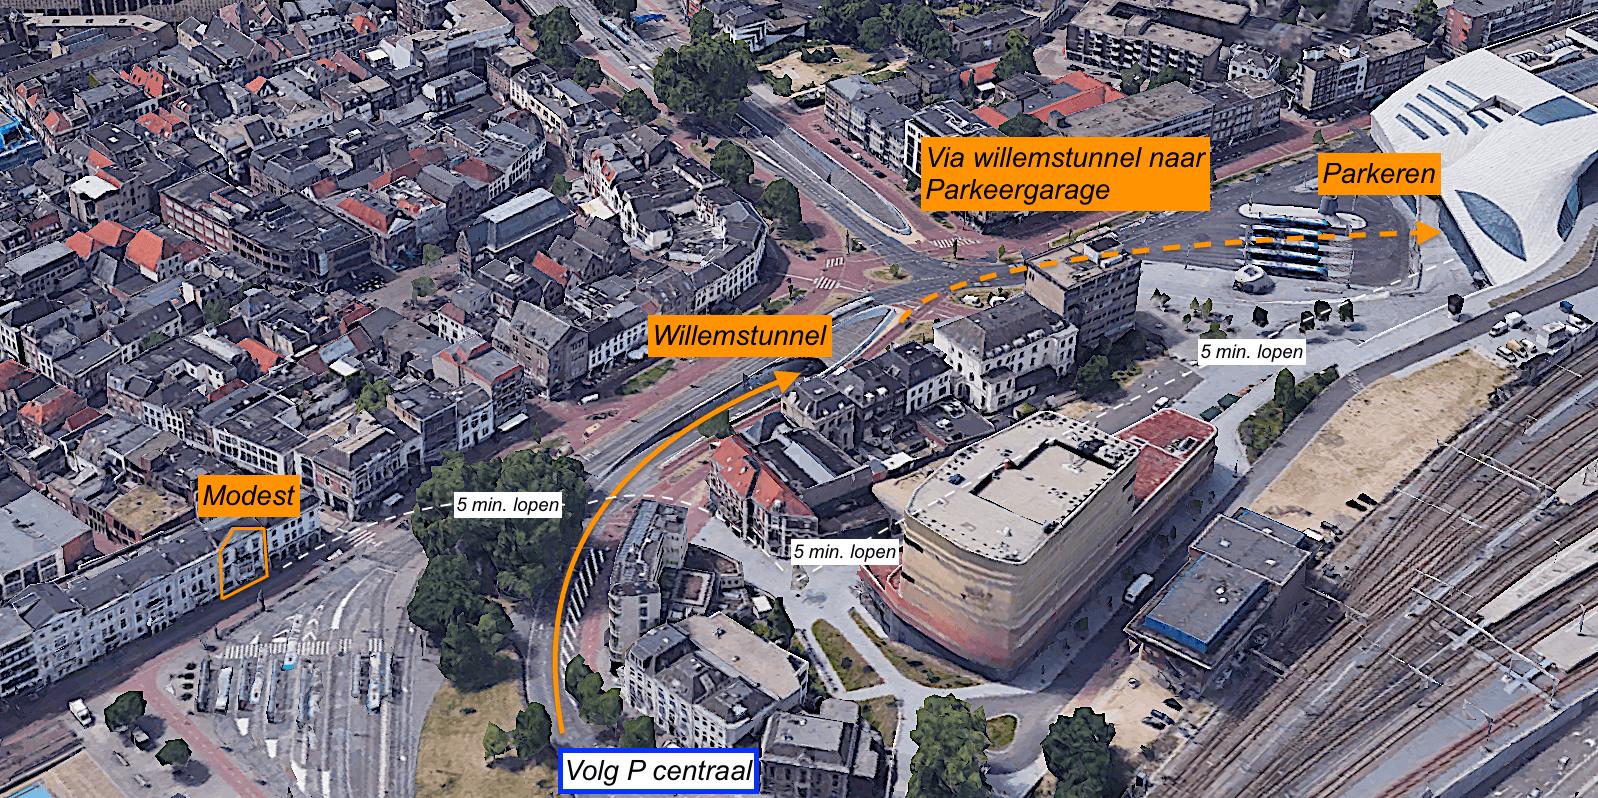 Kaart van Willemsplein